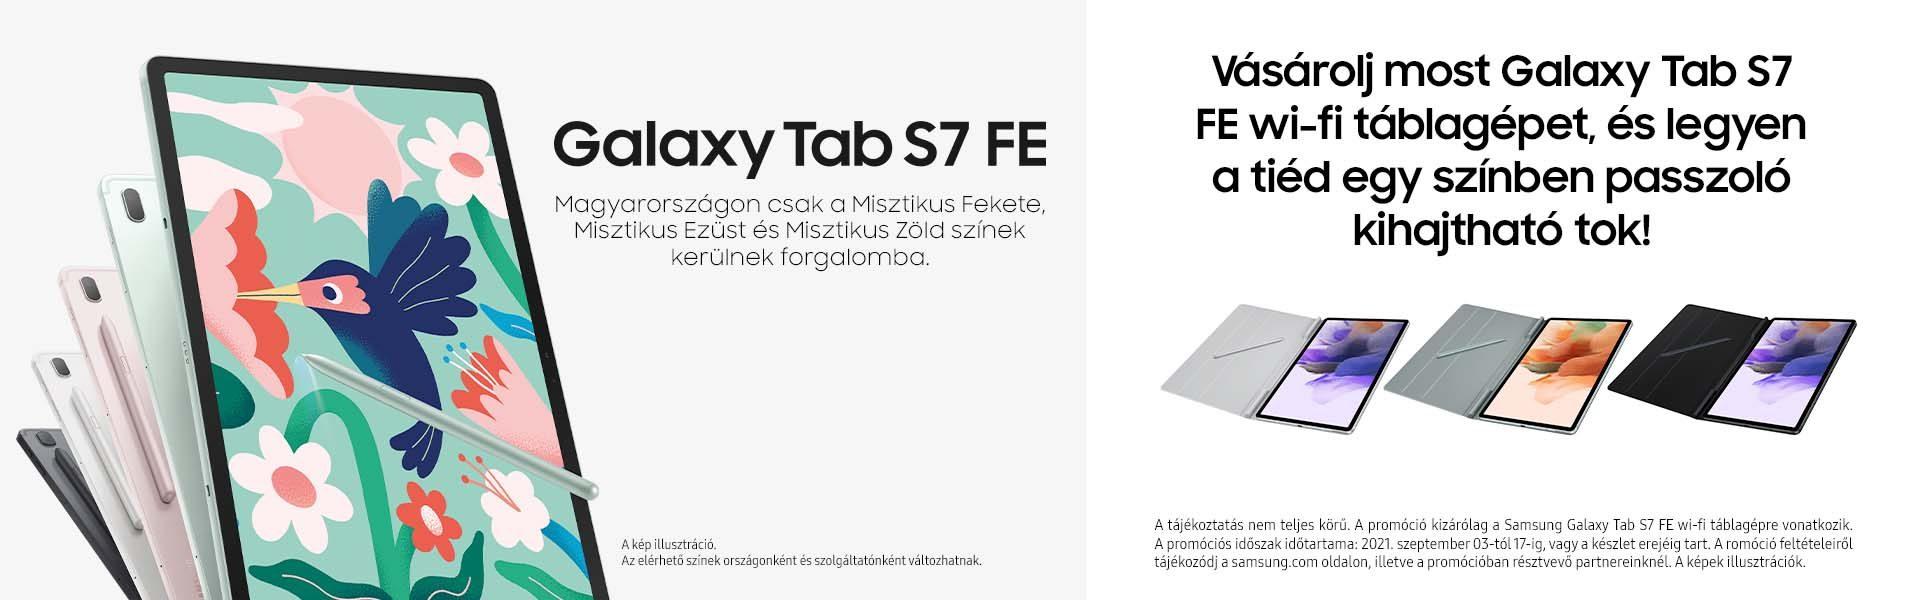 1920x600_Tab_S7_FE_Wifi_Launch